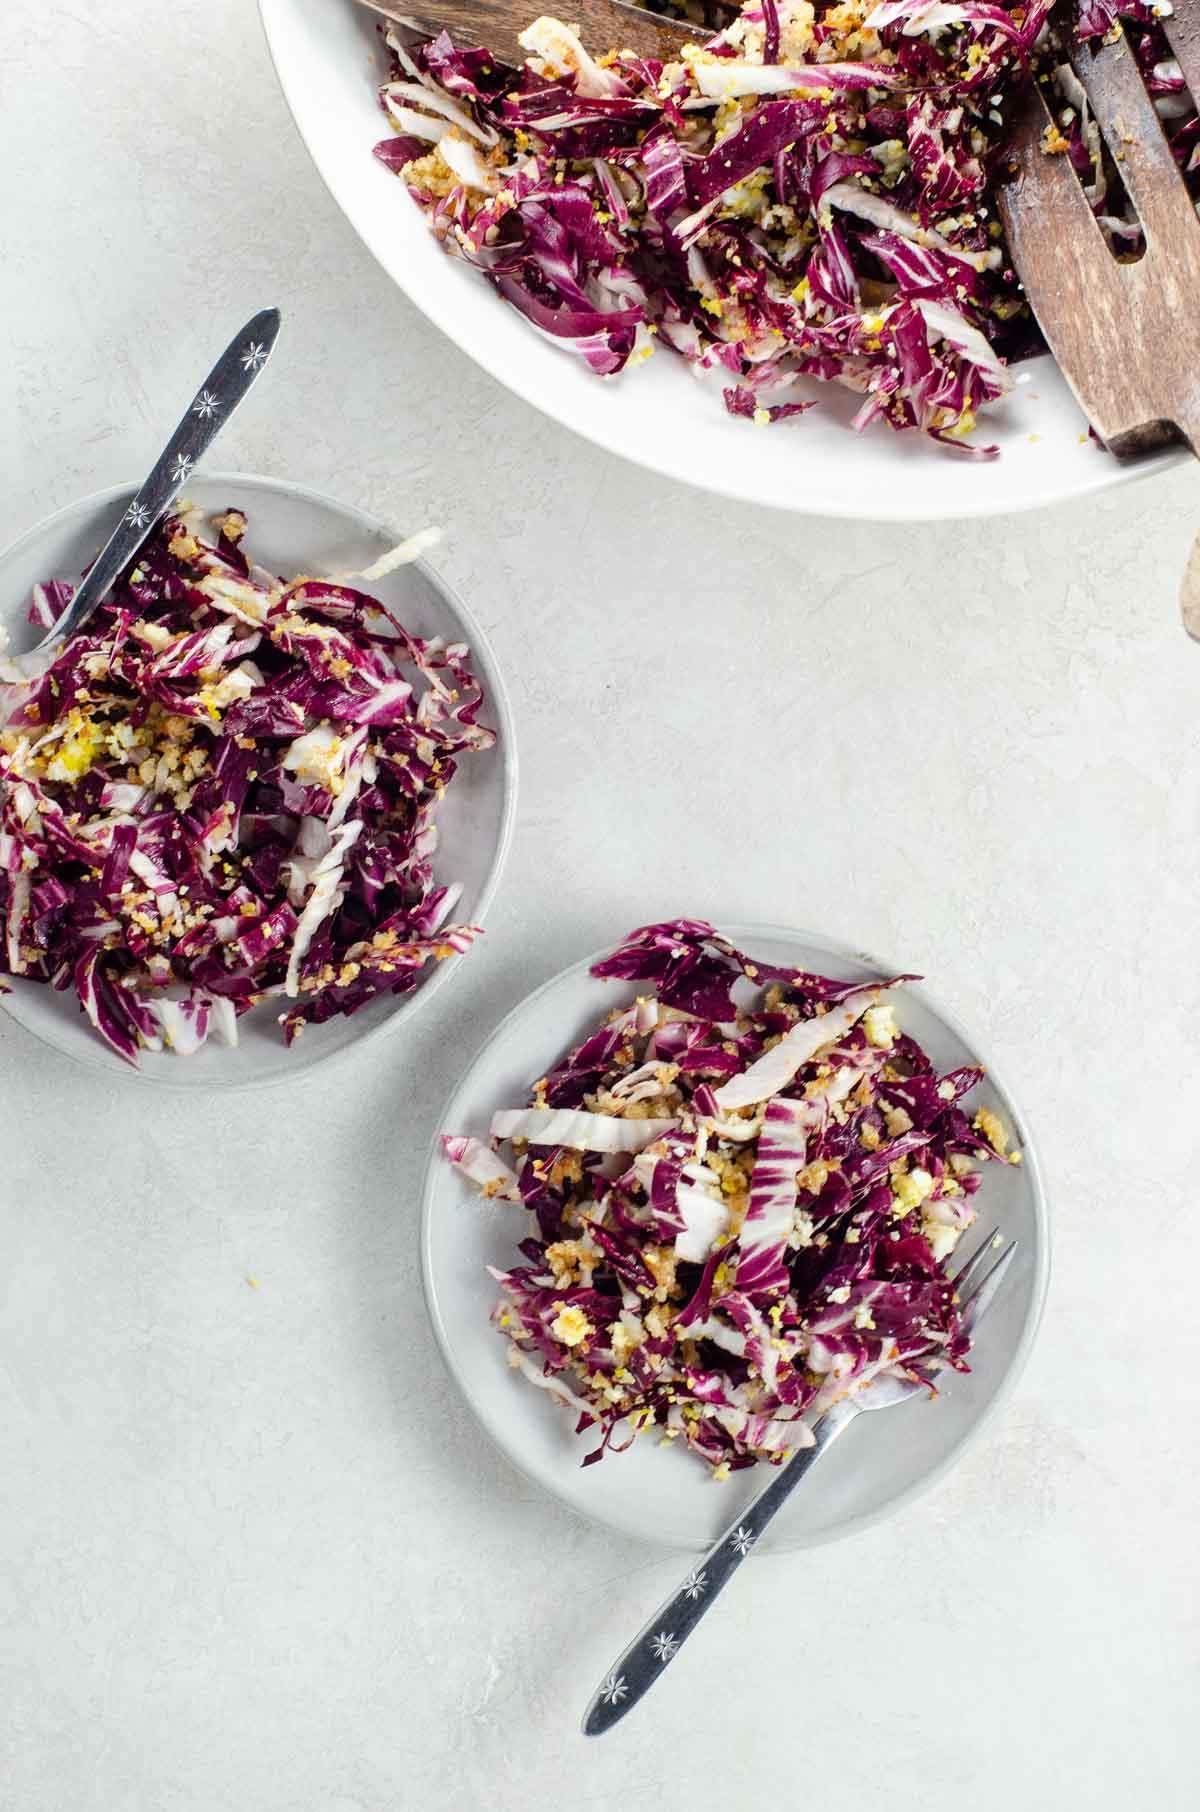 Zuni Cafe Radicchio Salad on plates